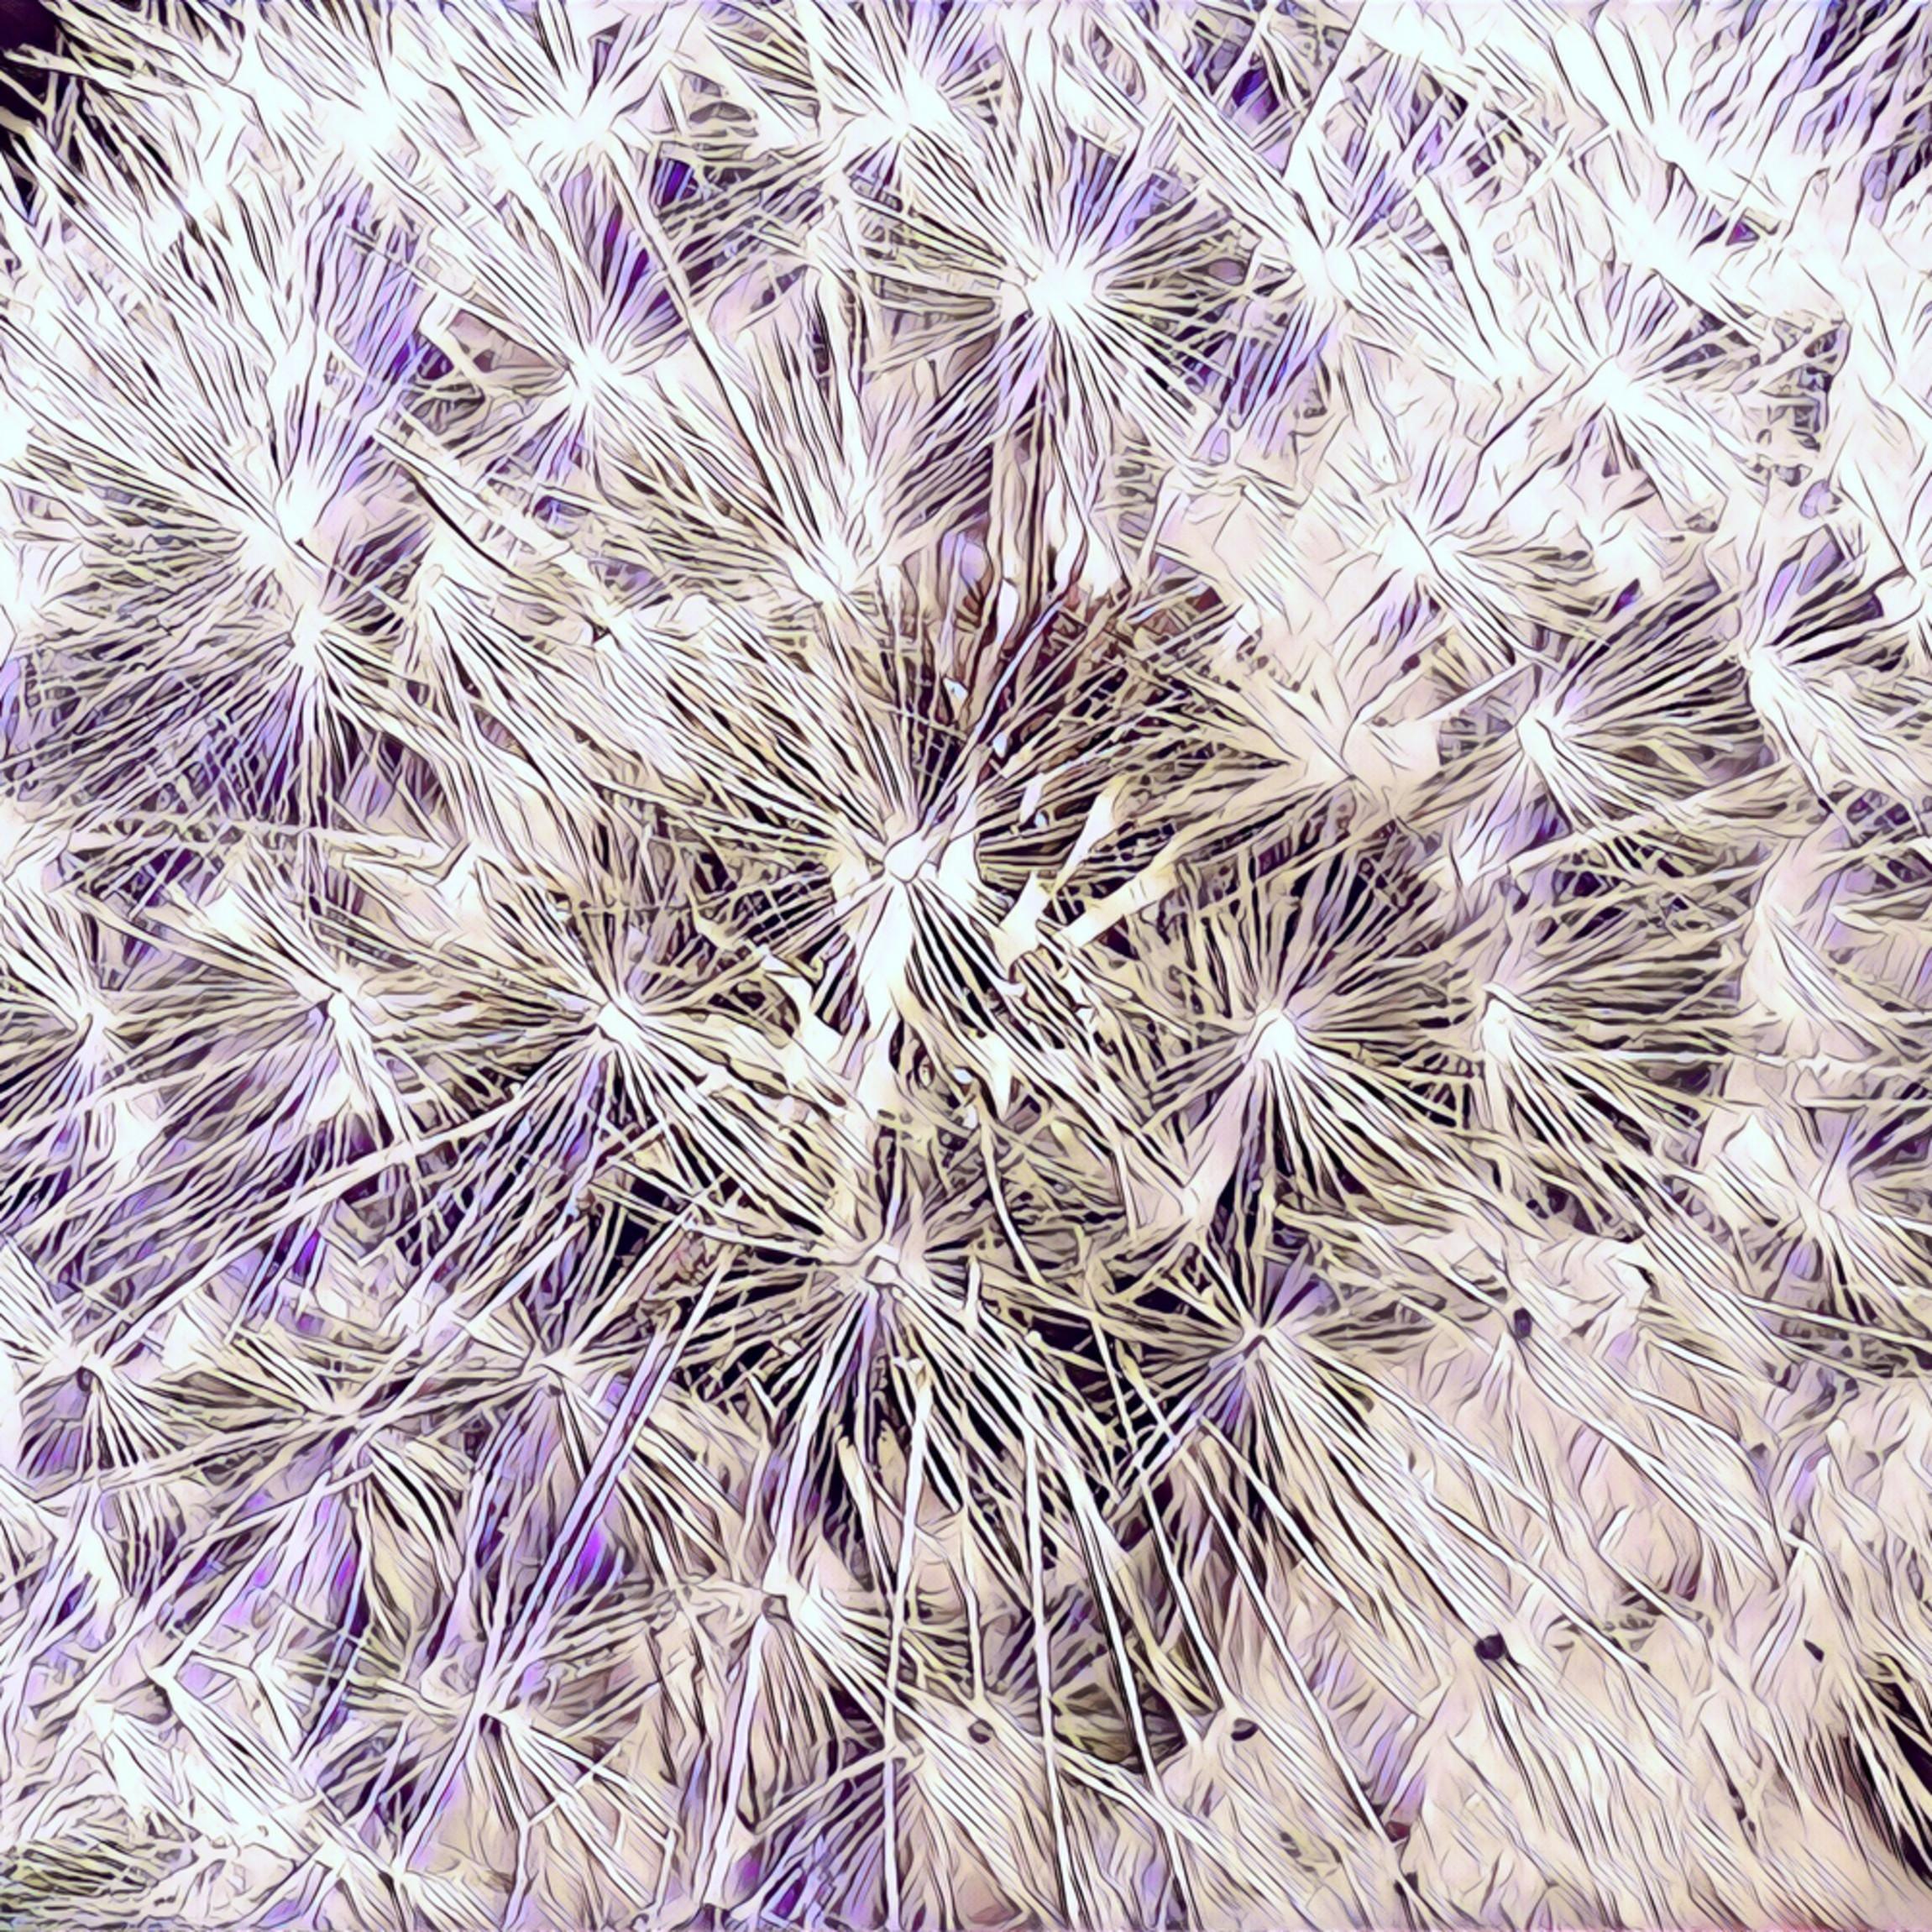 Dandelion fireworks lm4xhq